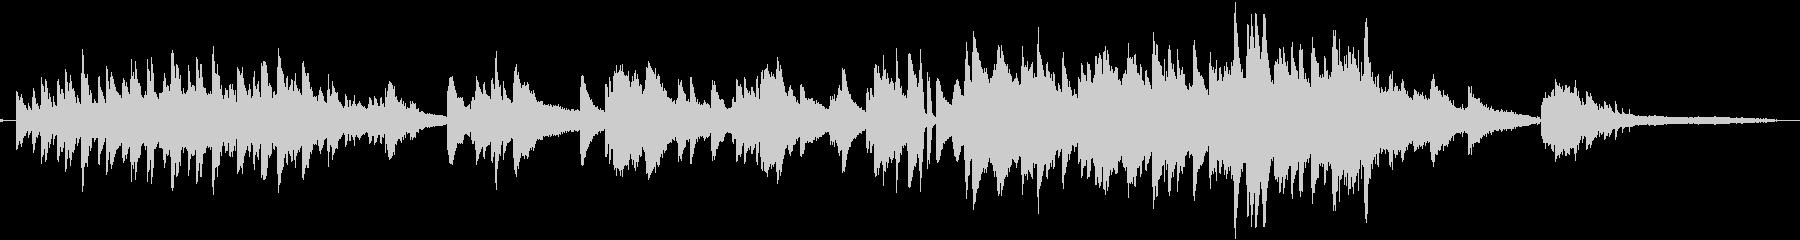 しっとり感動的なピアノとストリングスの未再生の波形